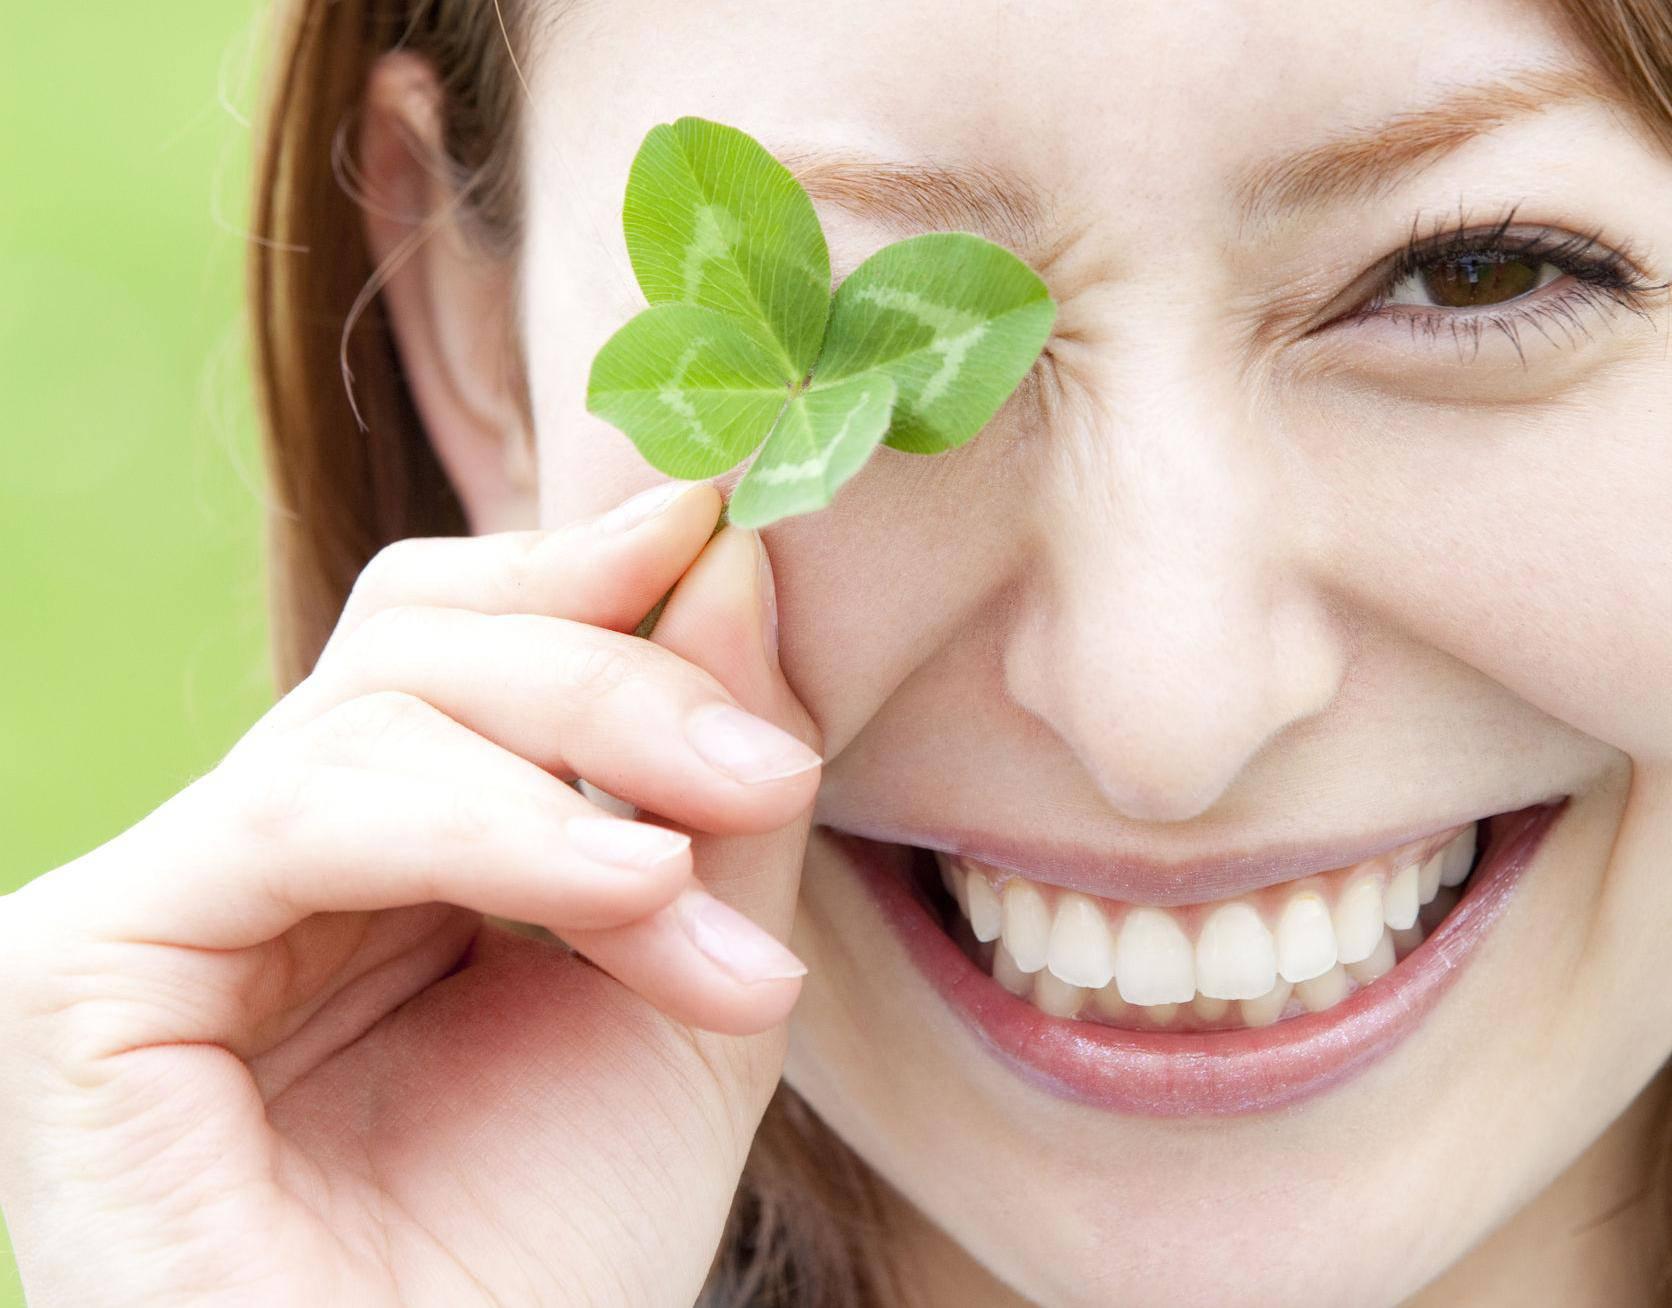 Znanstvenici o sreći: Djeteline, bubamare i potkove djeluju!